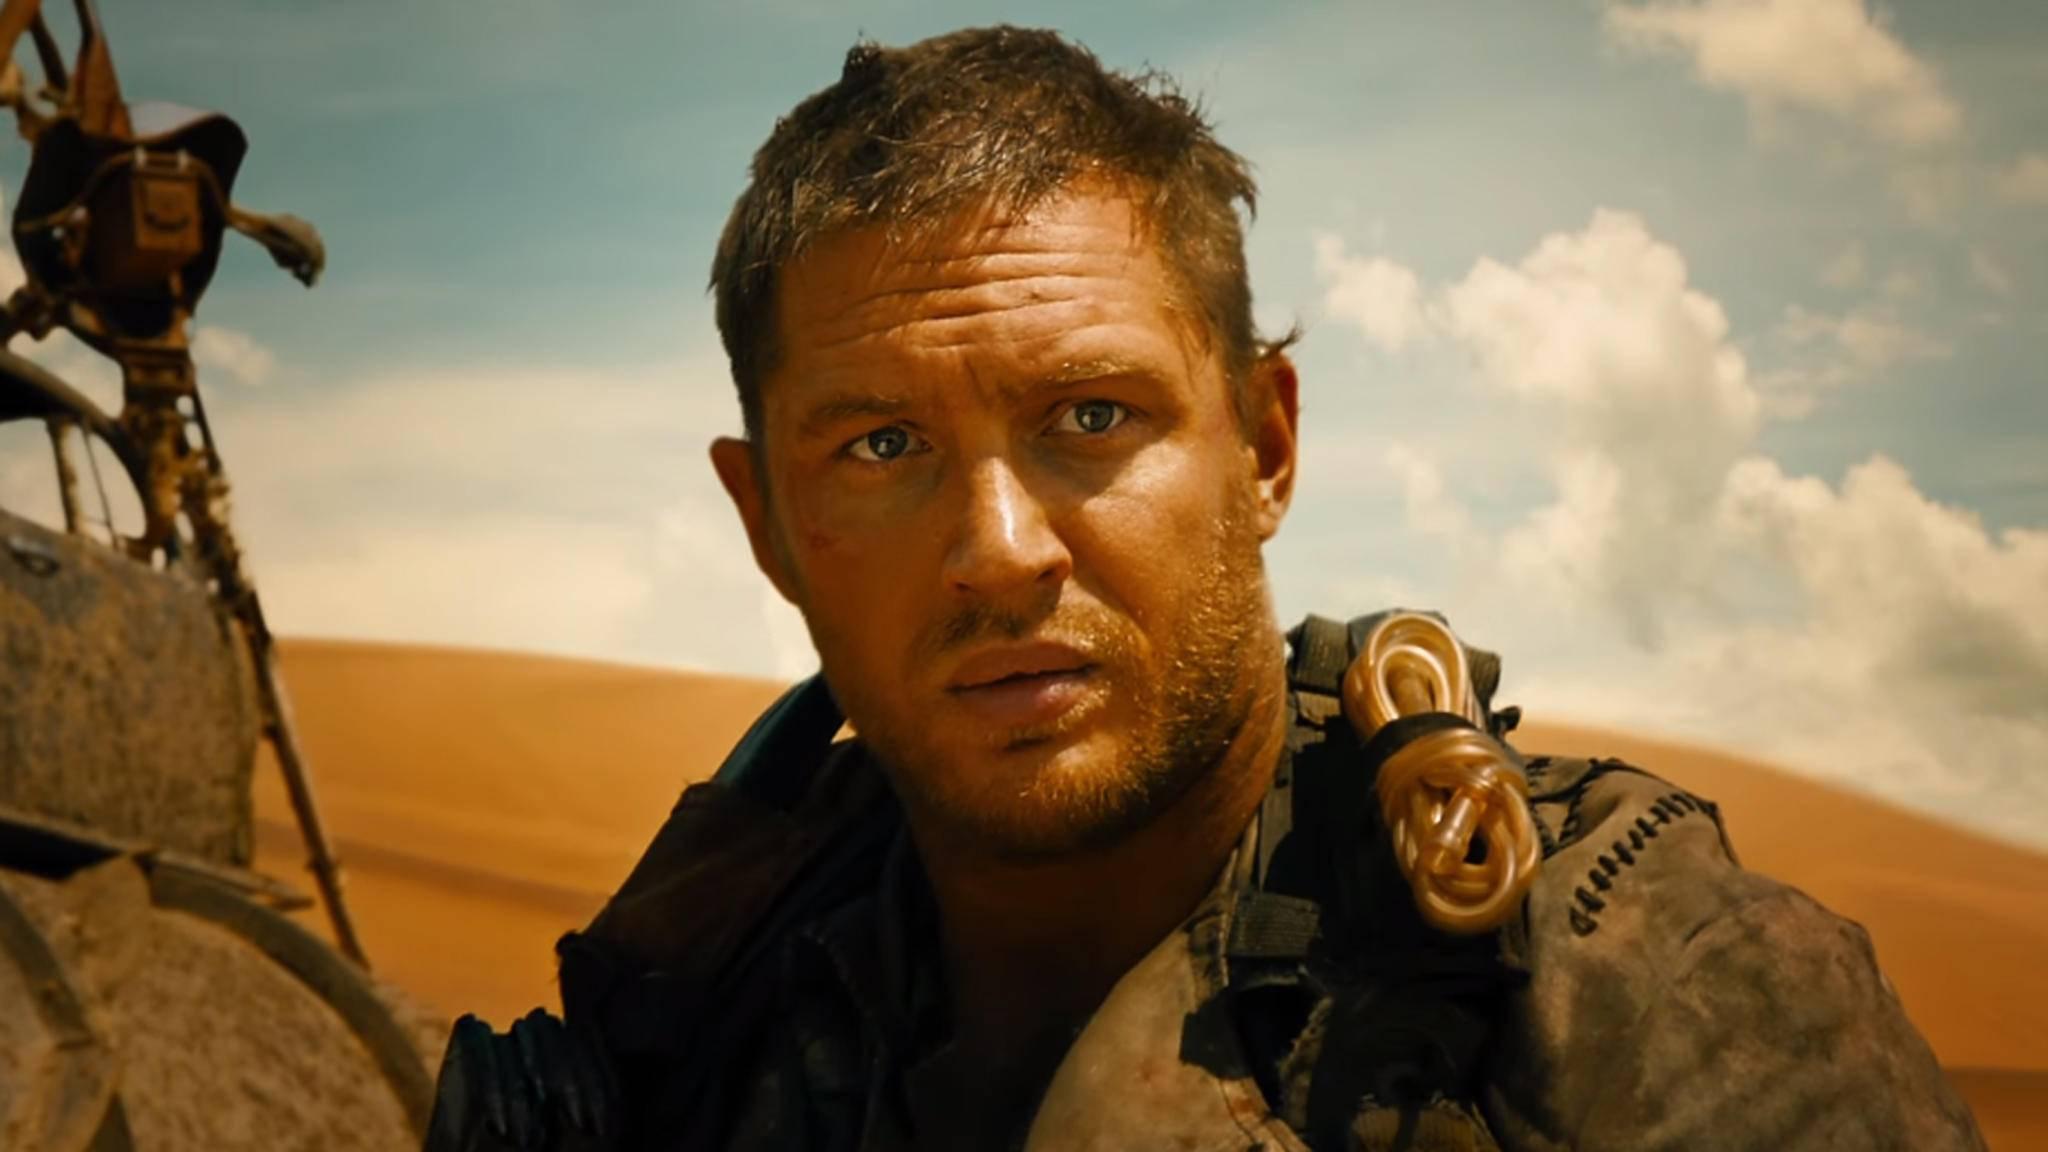 In den meisten Actionfilmen kriegt die Welt gerade noch die Kurve. Postapokalyptische Filme zeigen, wie es aussehen könnte, wenn das Mal nicht funktionieren sollte.